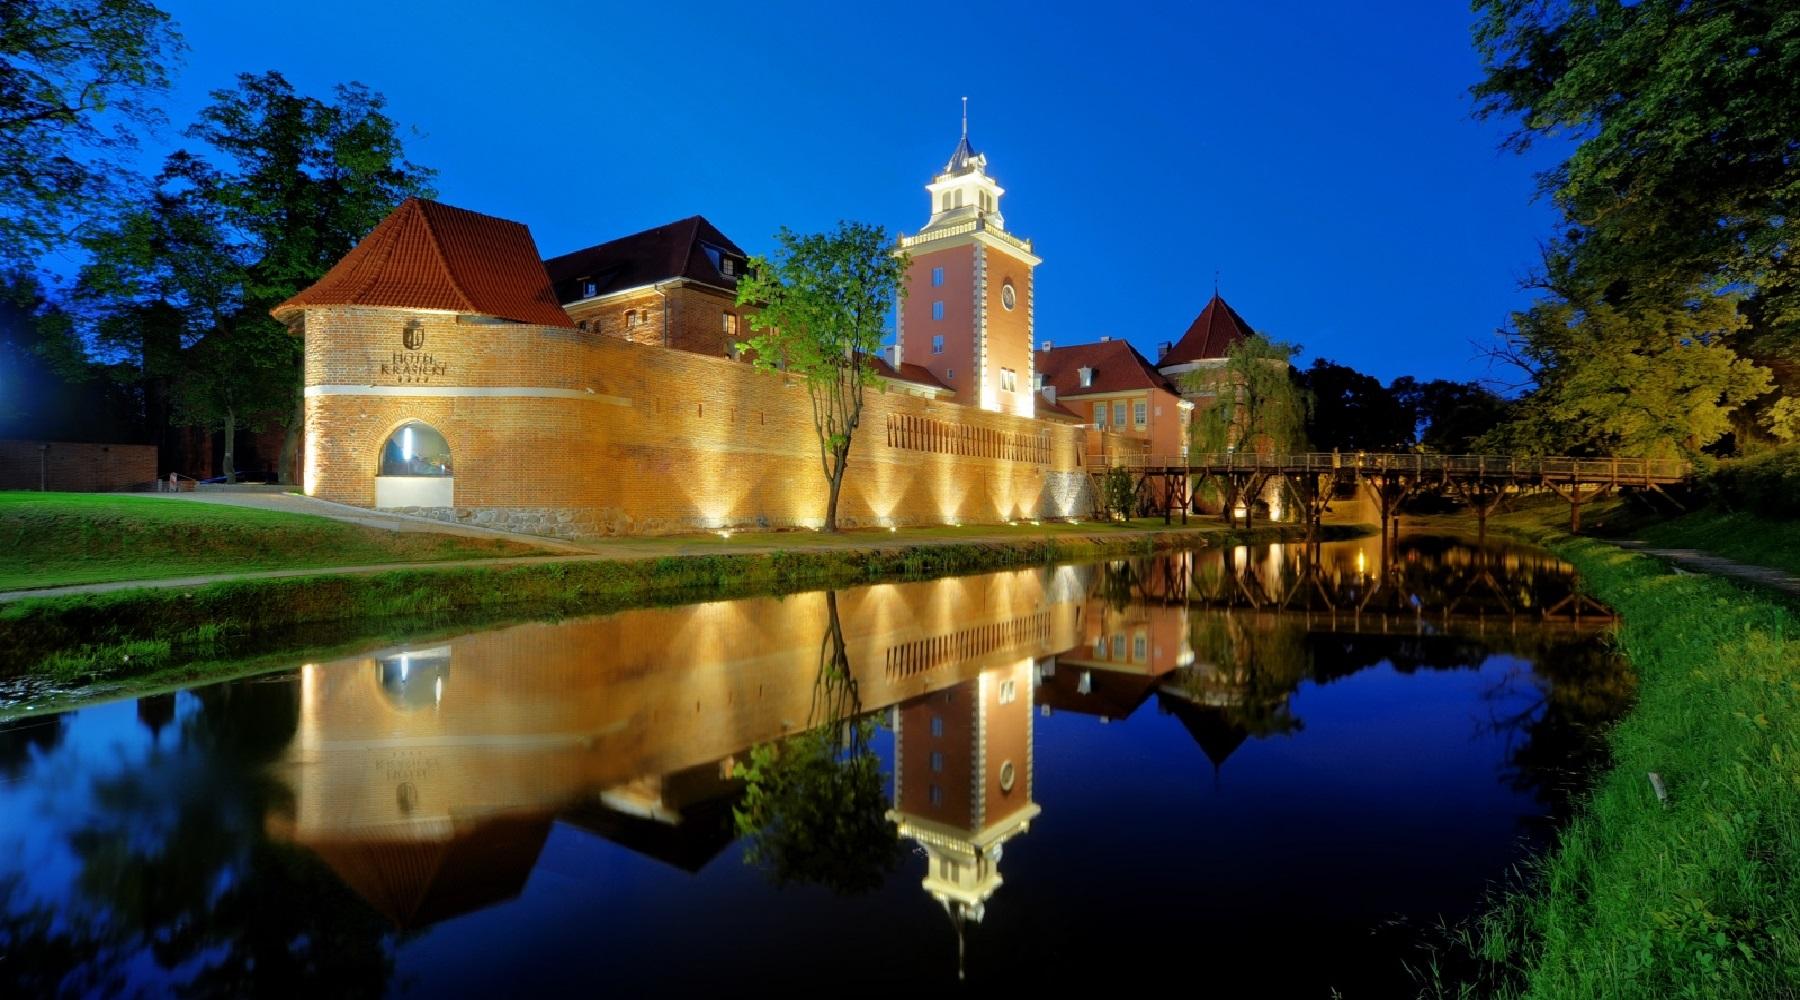 Hotel Krasicki (Lidzbark Warmiński)